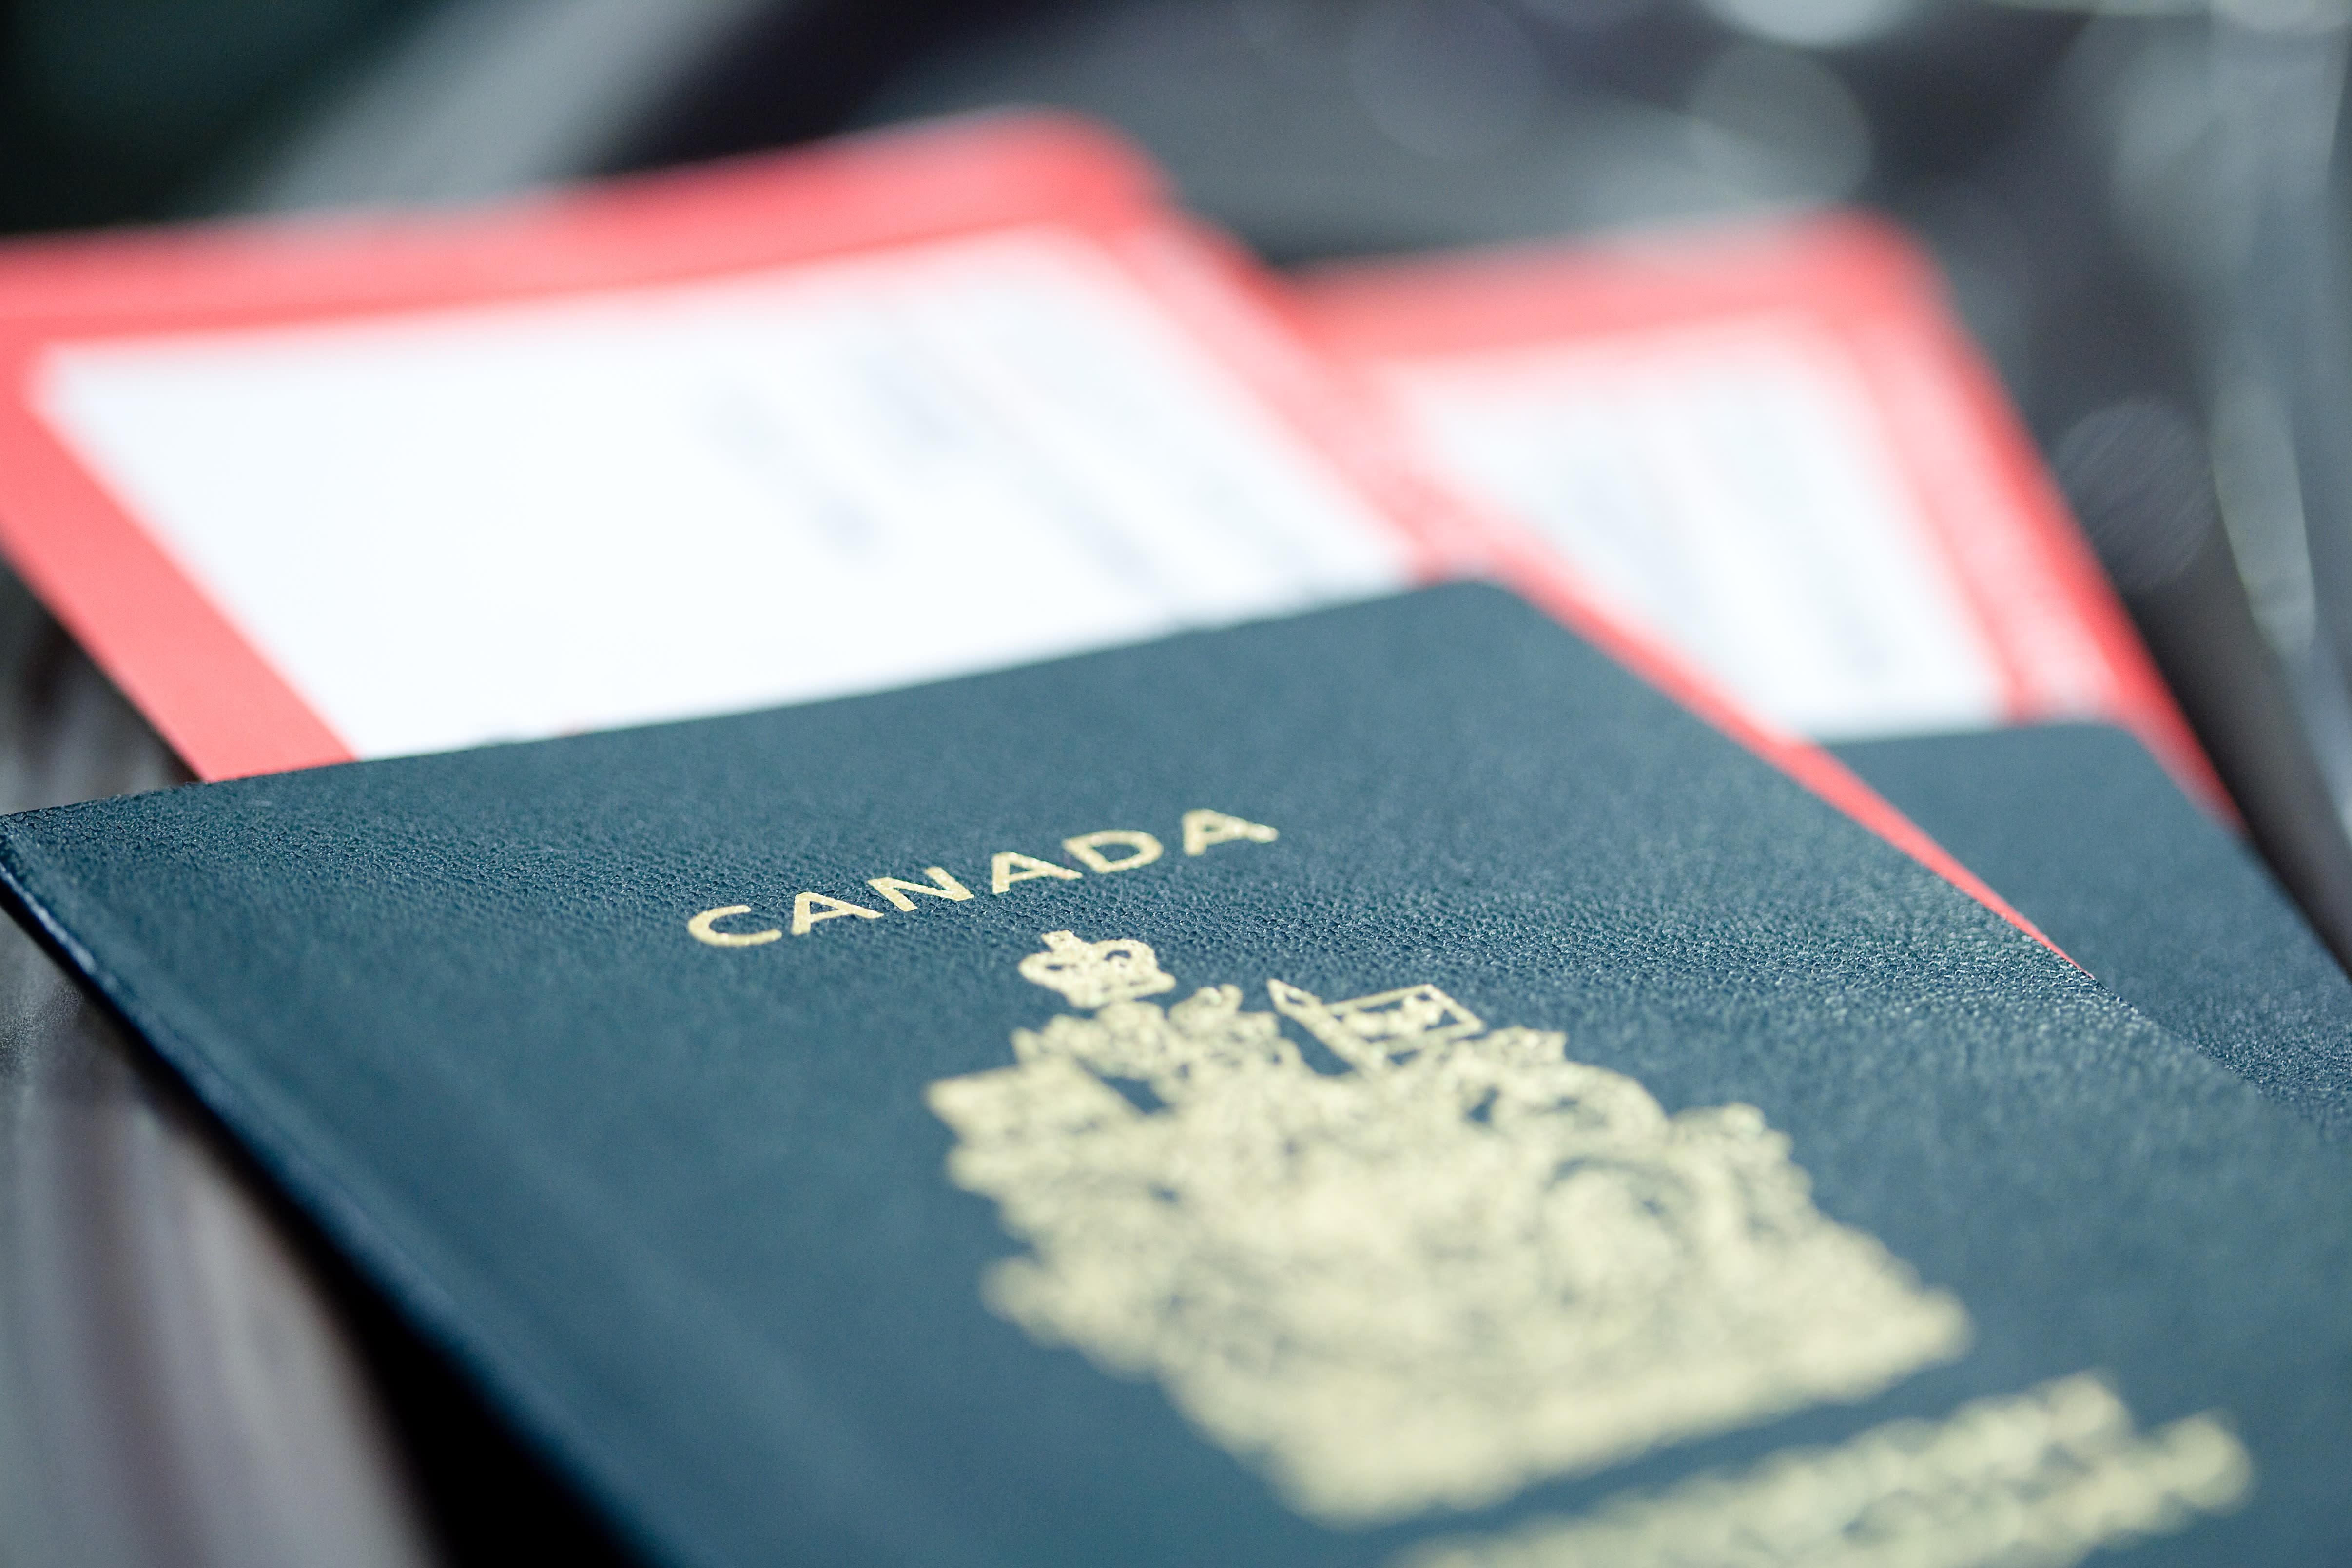 カナダのパスポートを紛失した場合の対処方法